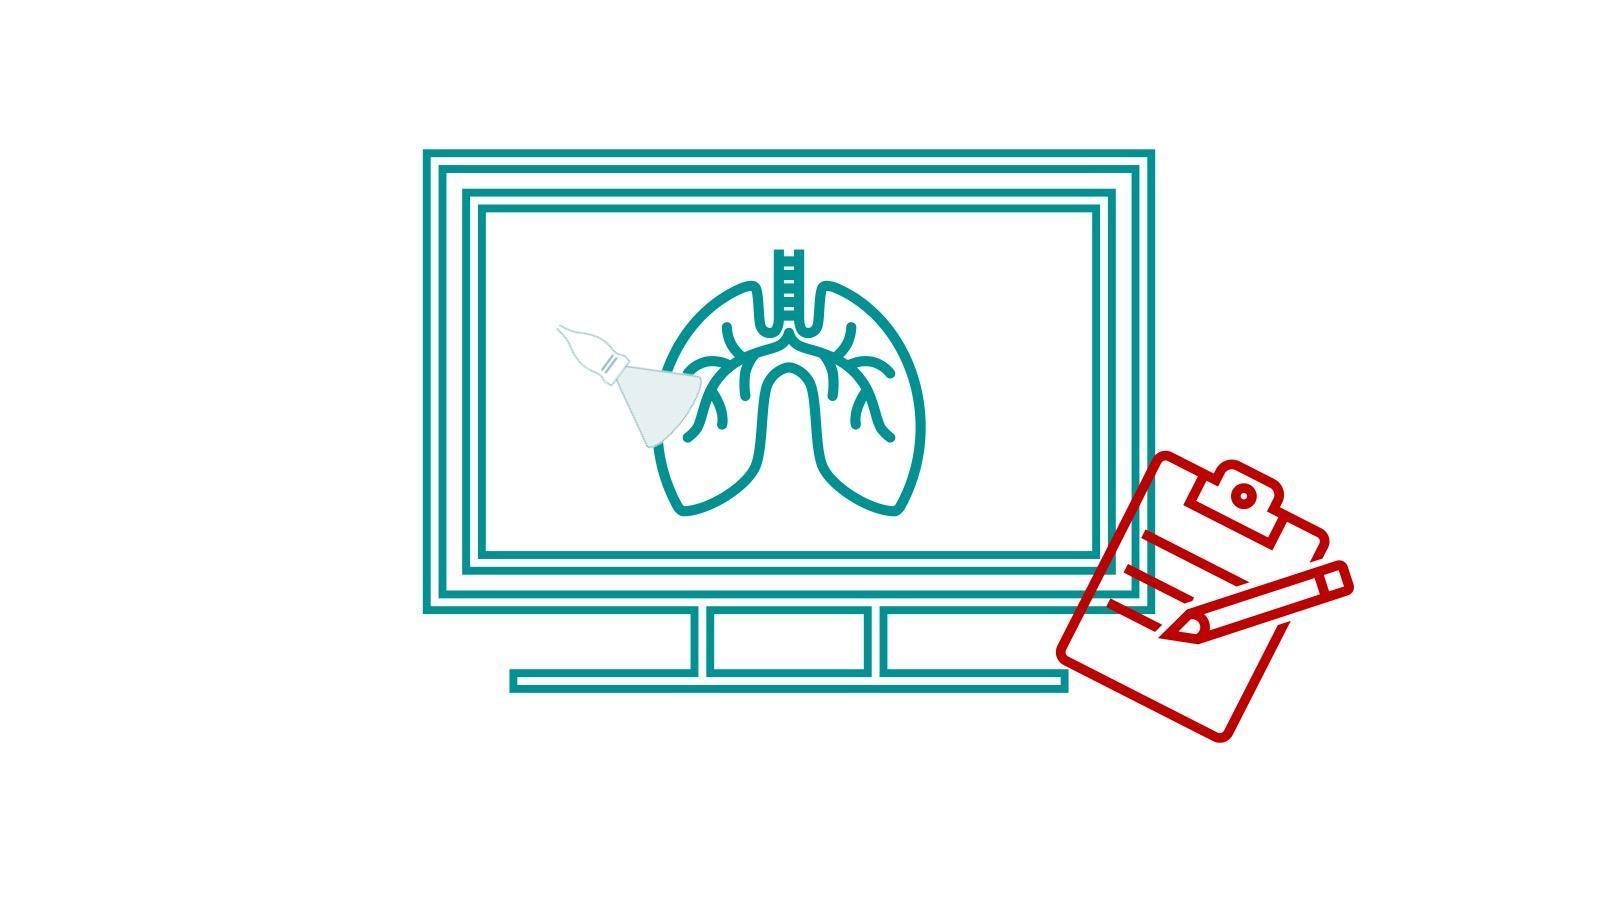 Internetowy Kurs Ultrasonografii Płuc - 8 punktów PTU - Portal wymiany wiedzy o ultrasonografii - Eduson